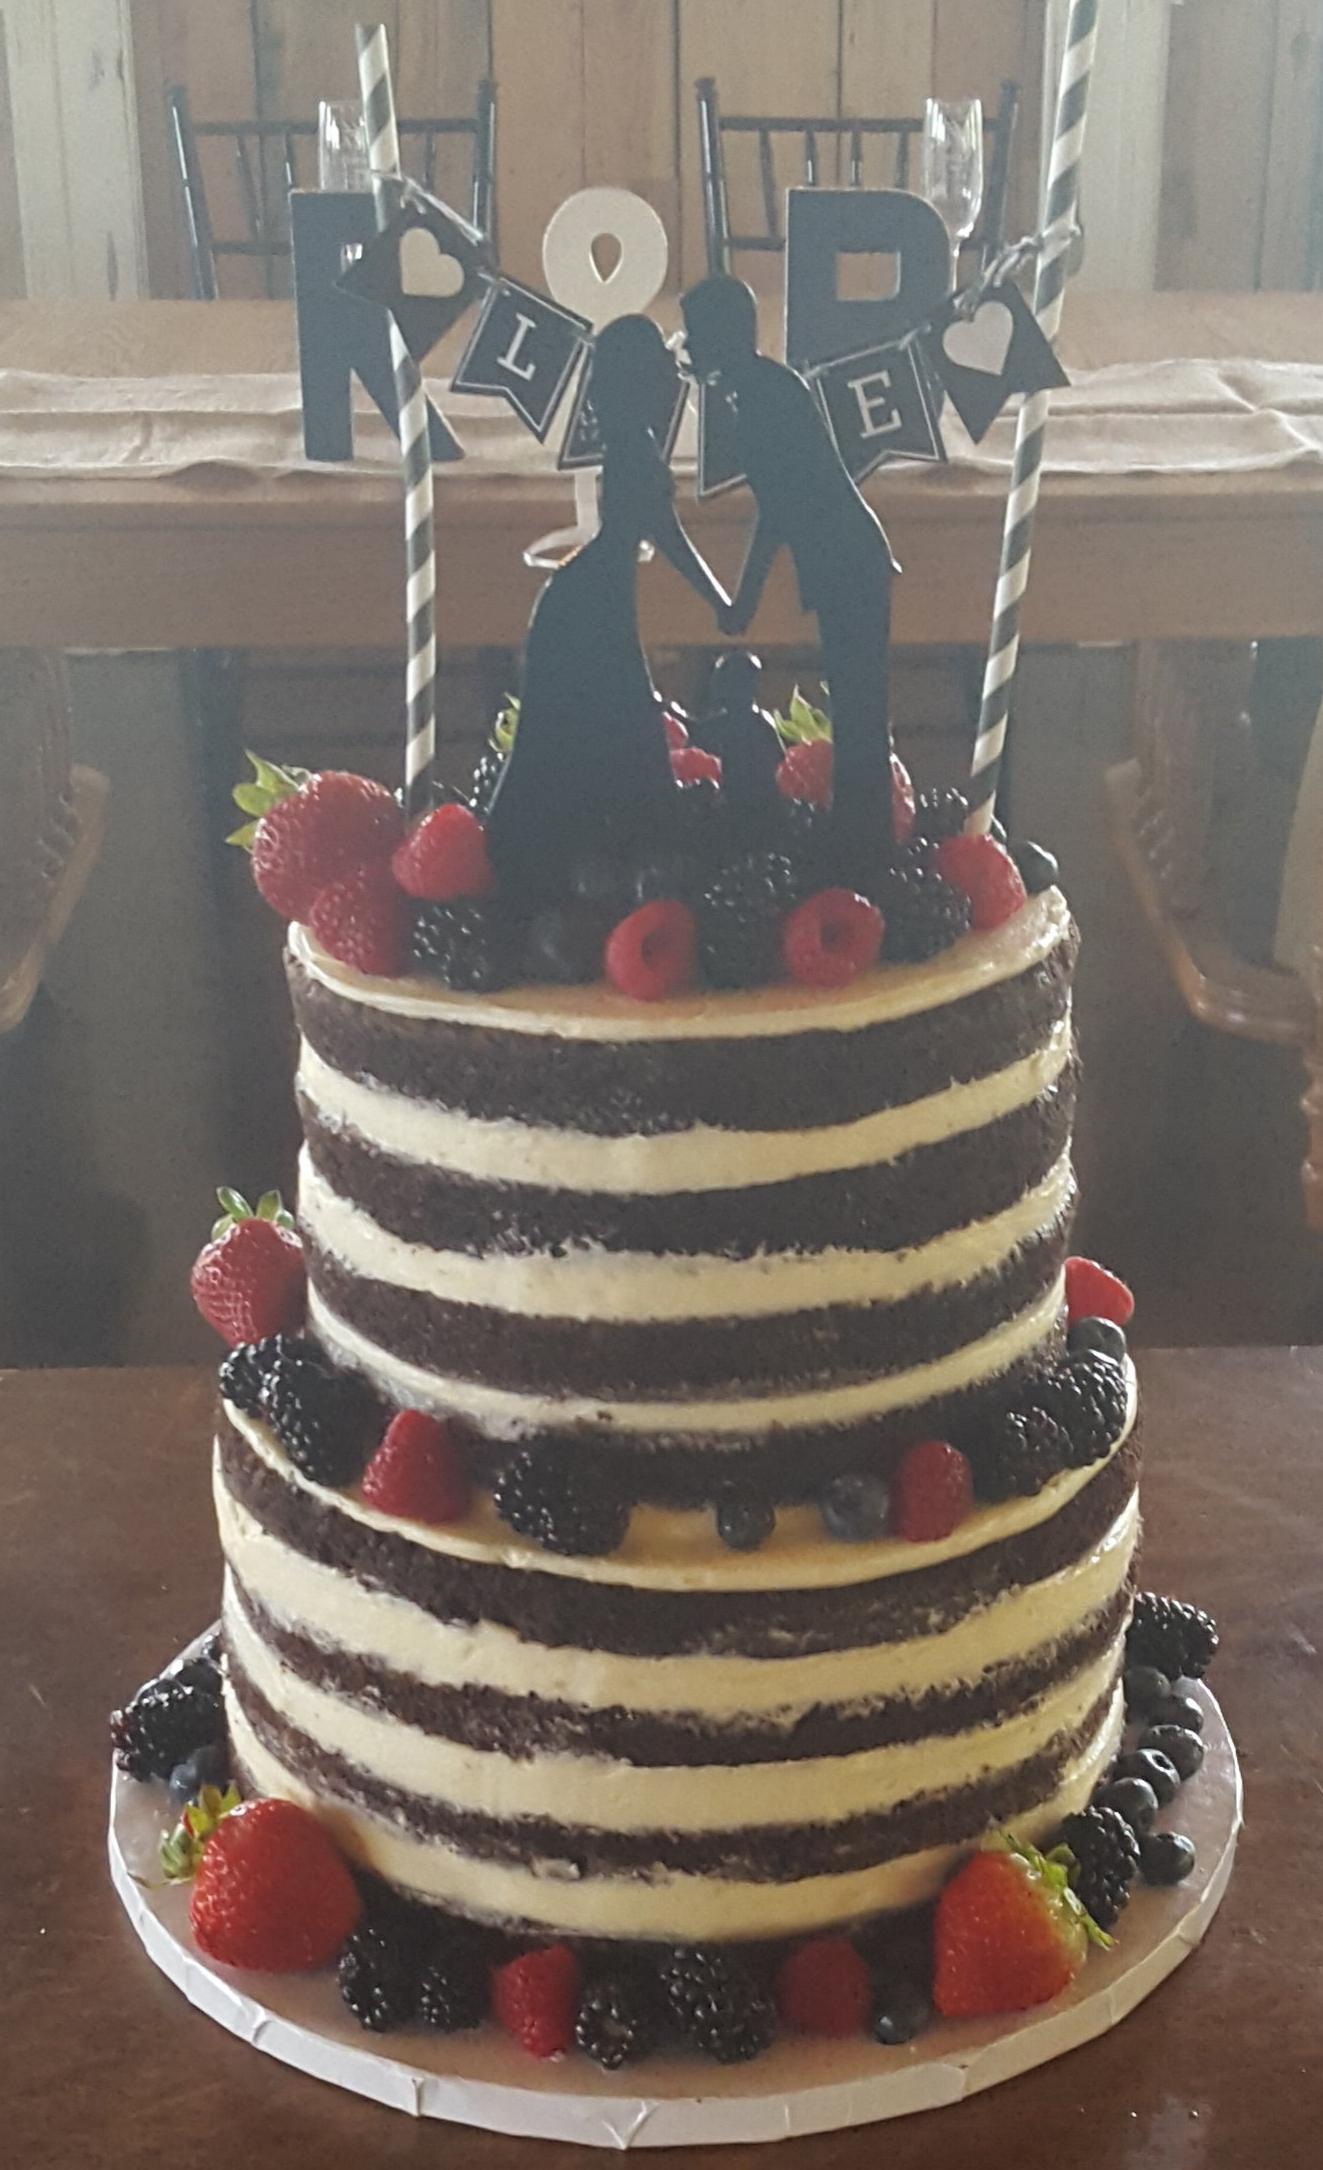 Chocolate Naked Cake